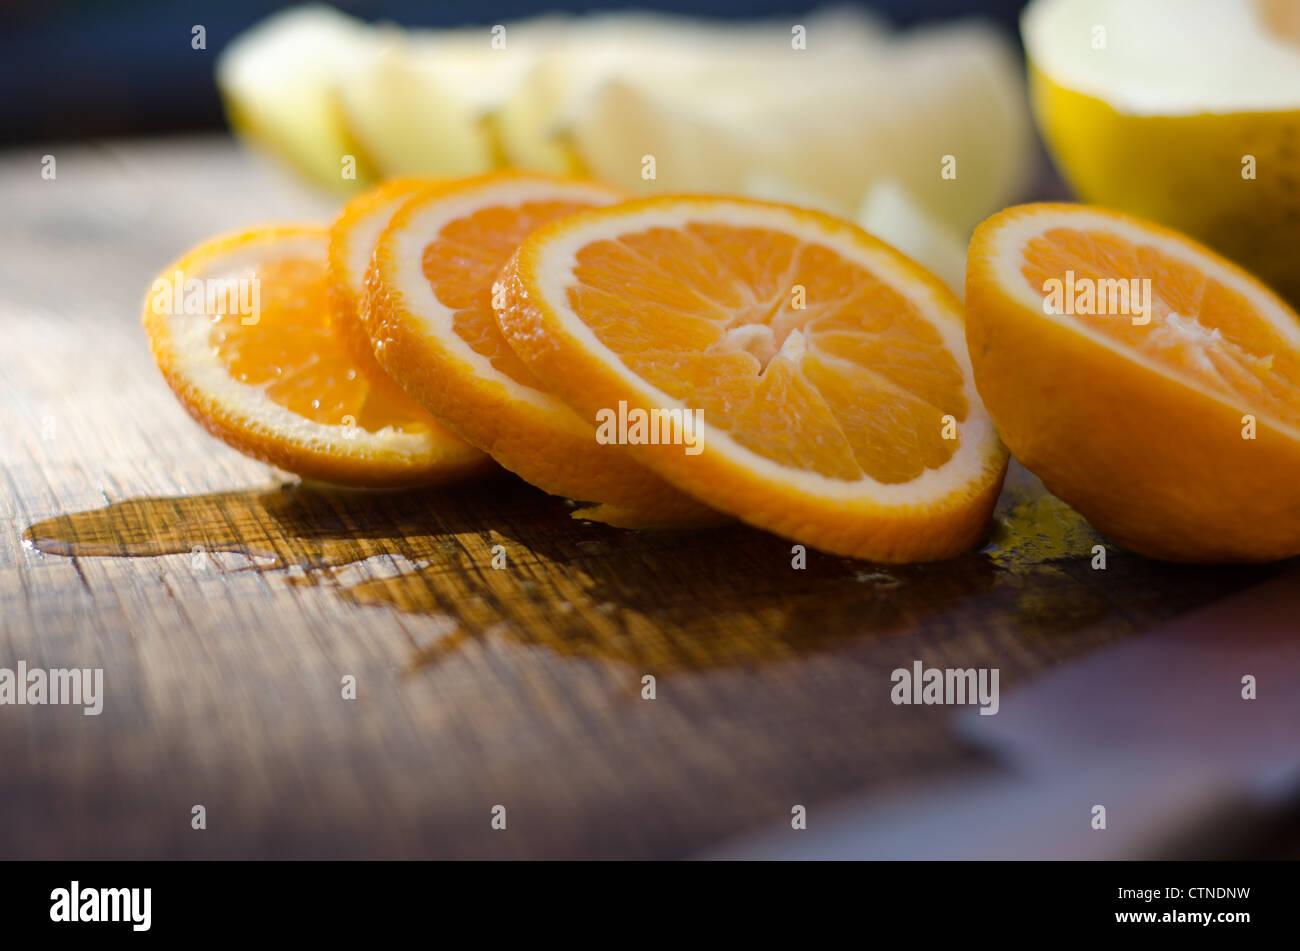 Scheiben von frisch geschnittenen Orange auf einem Eiche Board mit aus Fokus Melone im Hintergrund. Stockbild